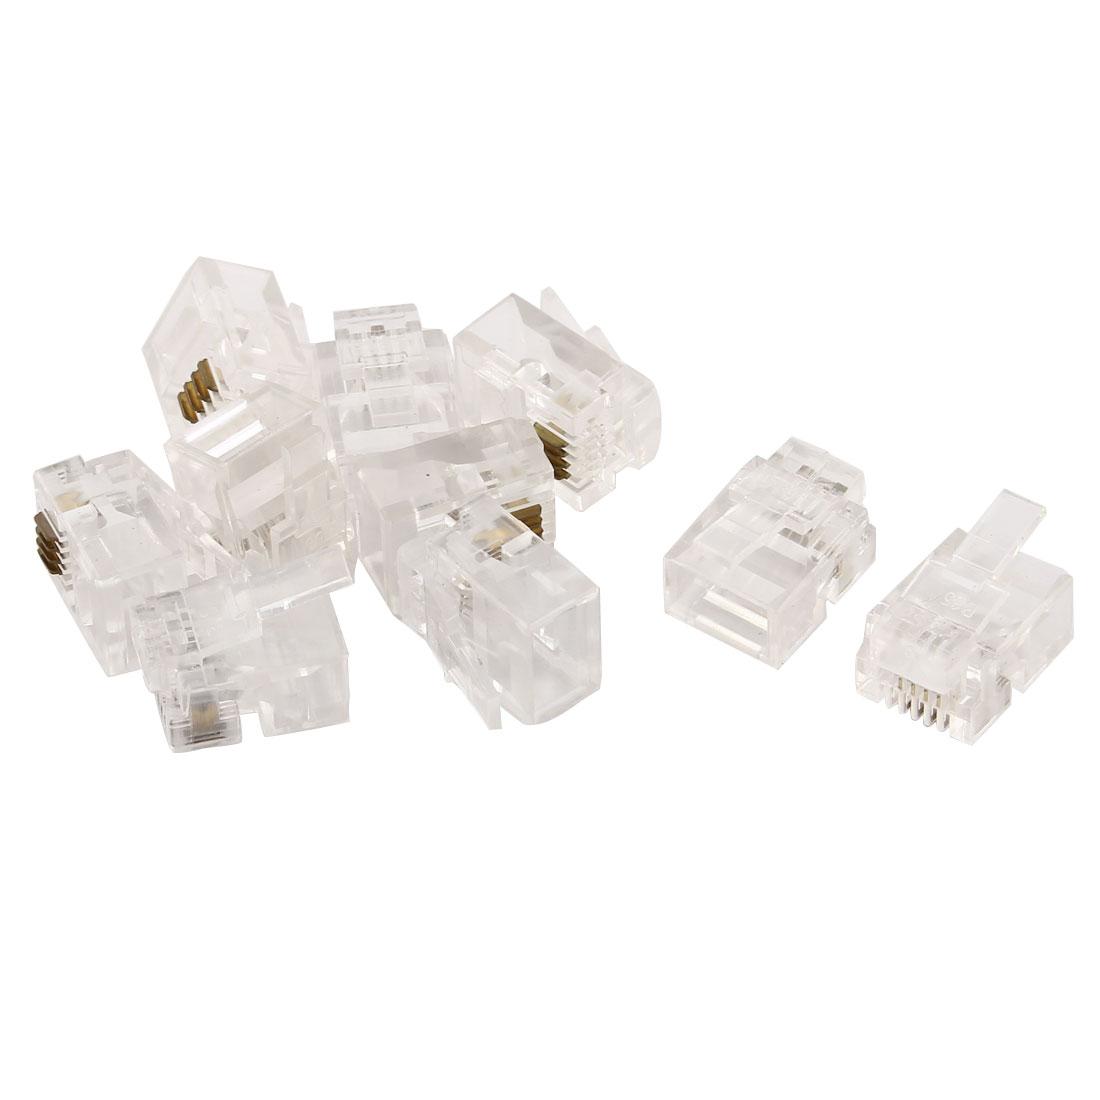 Crystal Head RJ11 4P4C Adapter Connectors Crimp End Clear 10 PCS